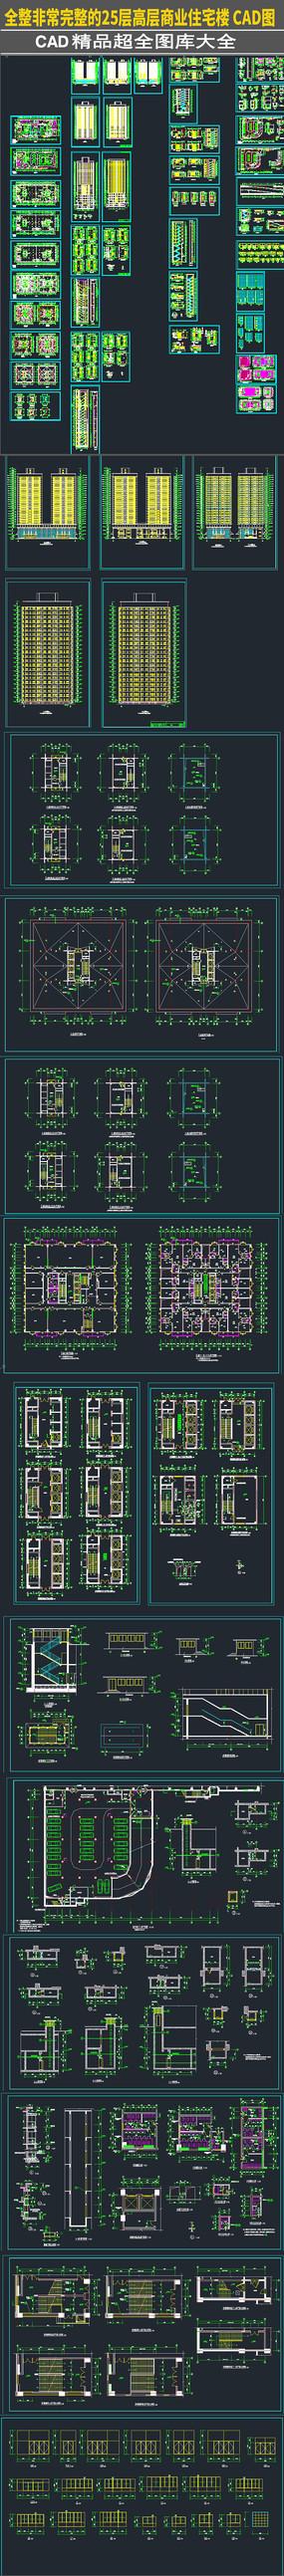 一整套非常完整的高层商业住宅楼